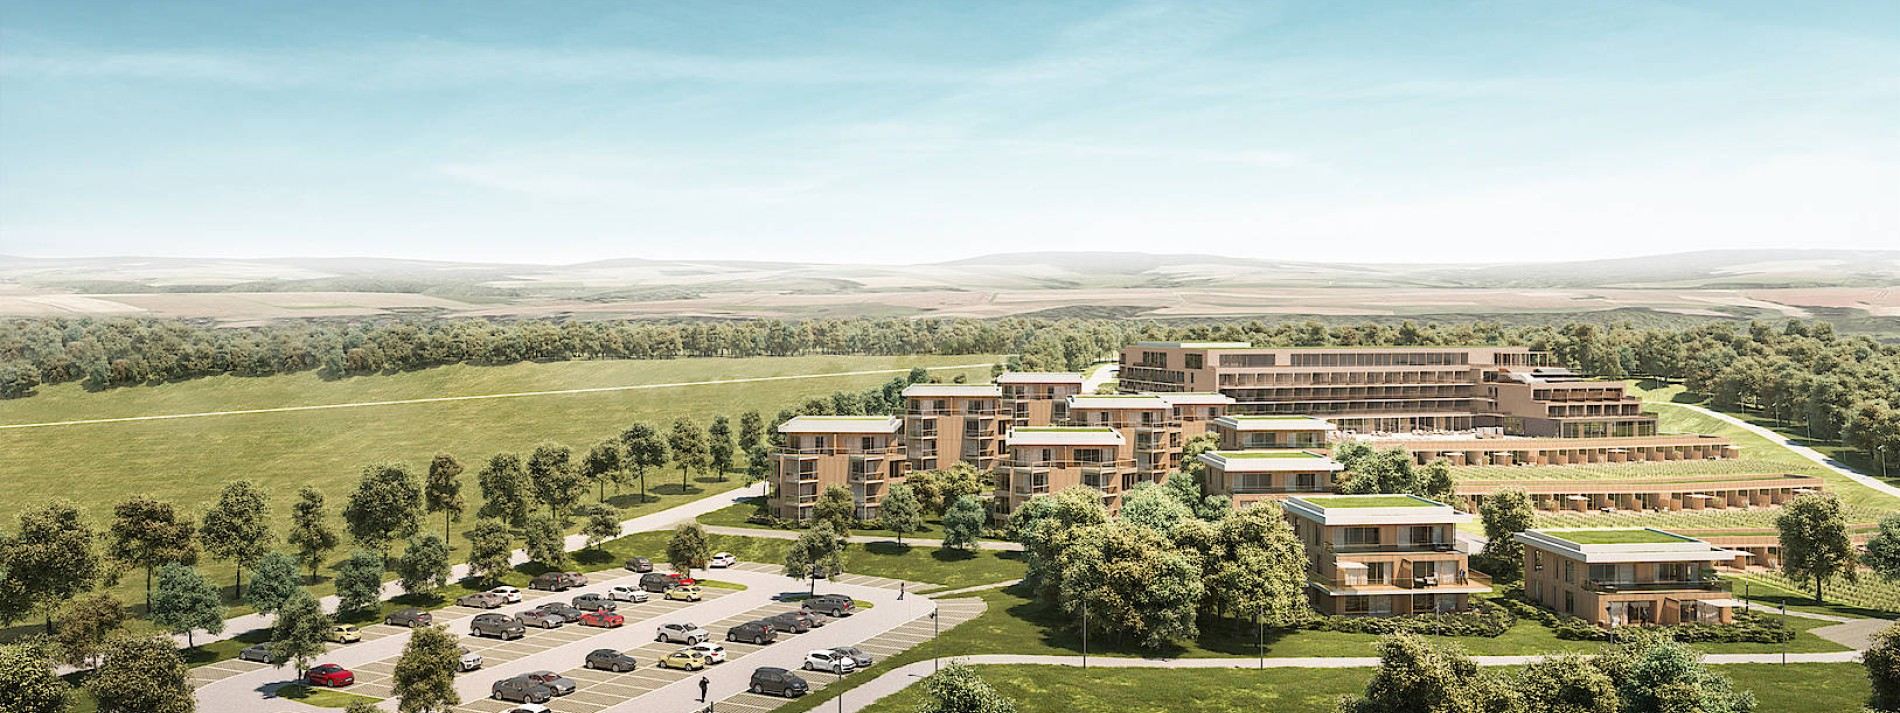 Ein Hoteldorf droht das Loreley-Plateau zu verschandeln